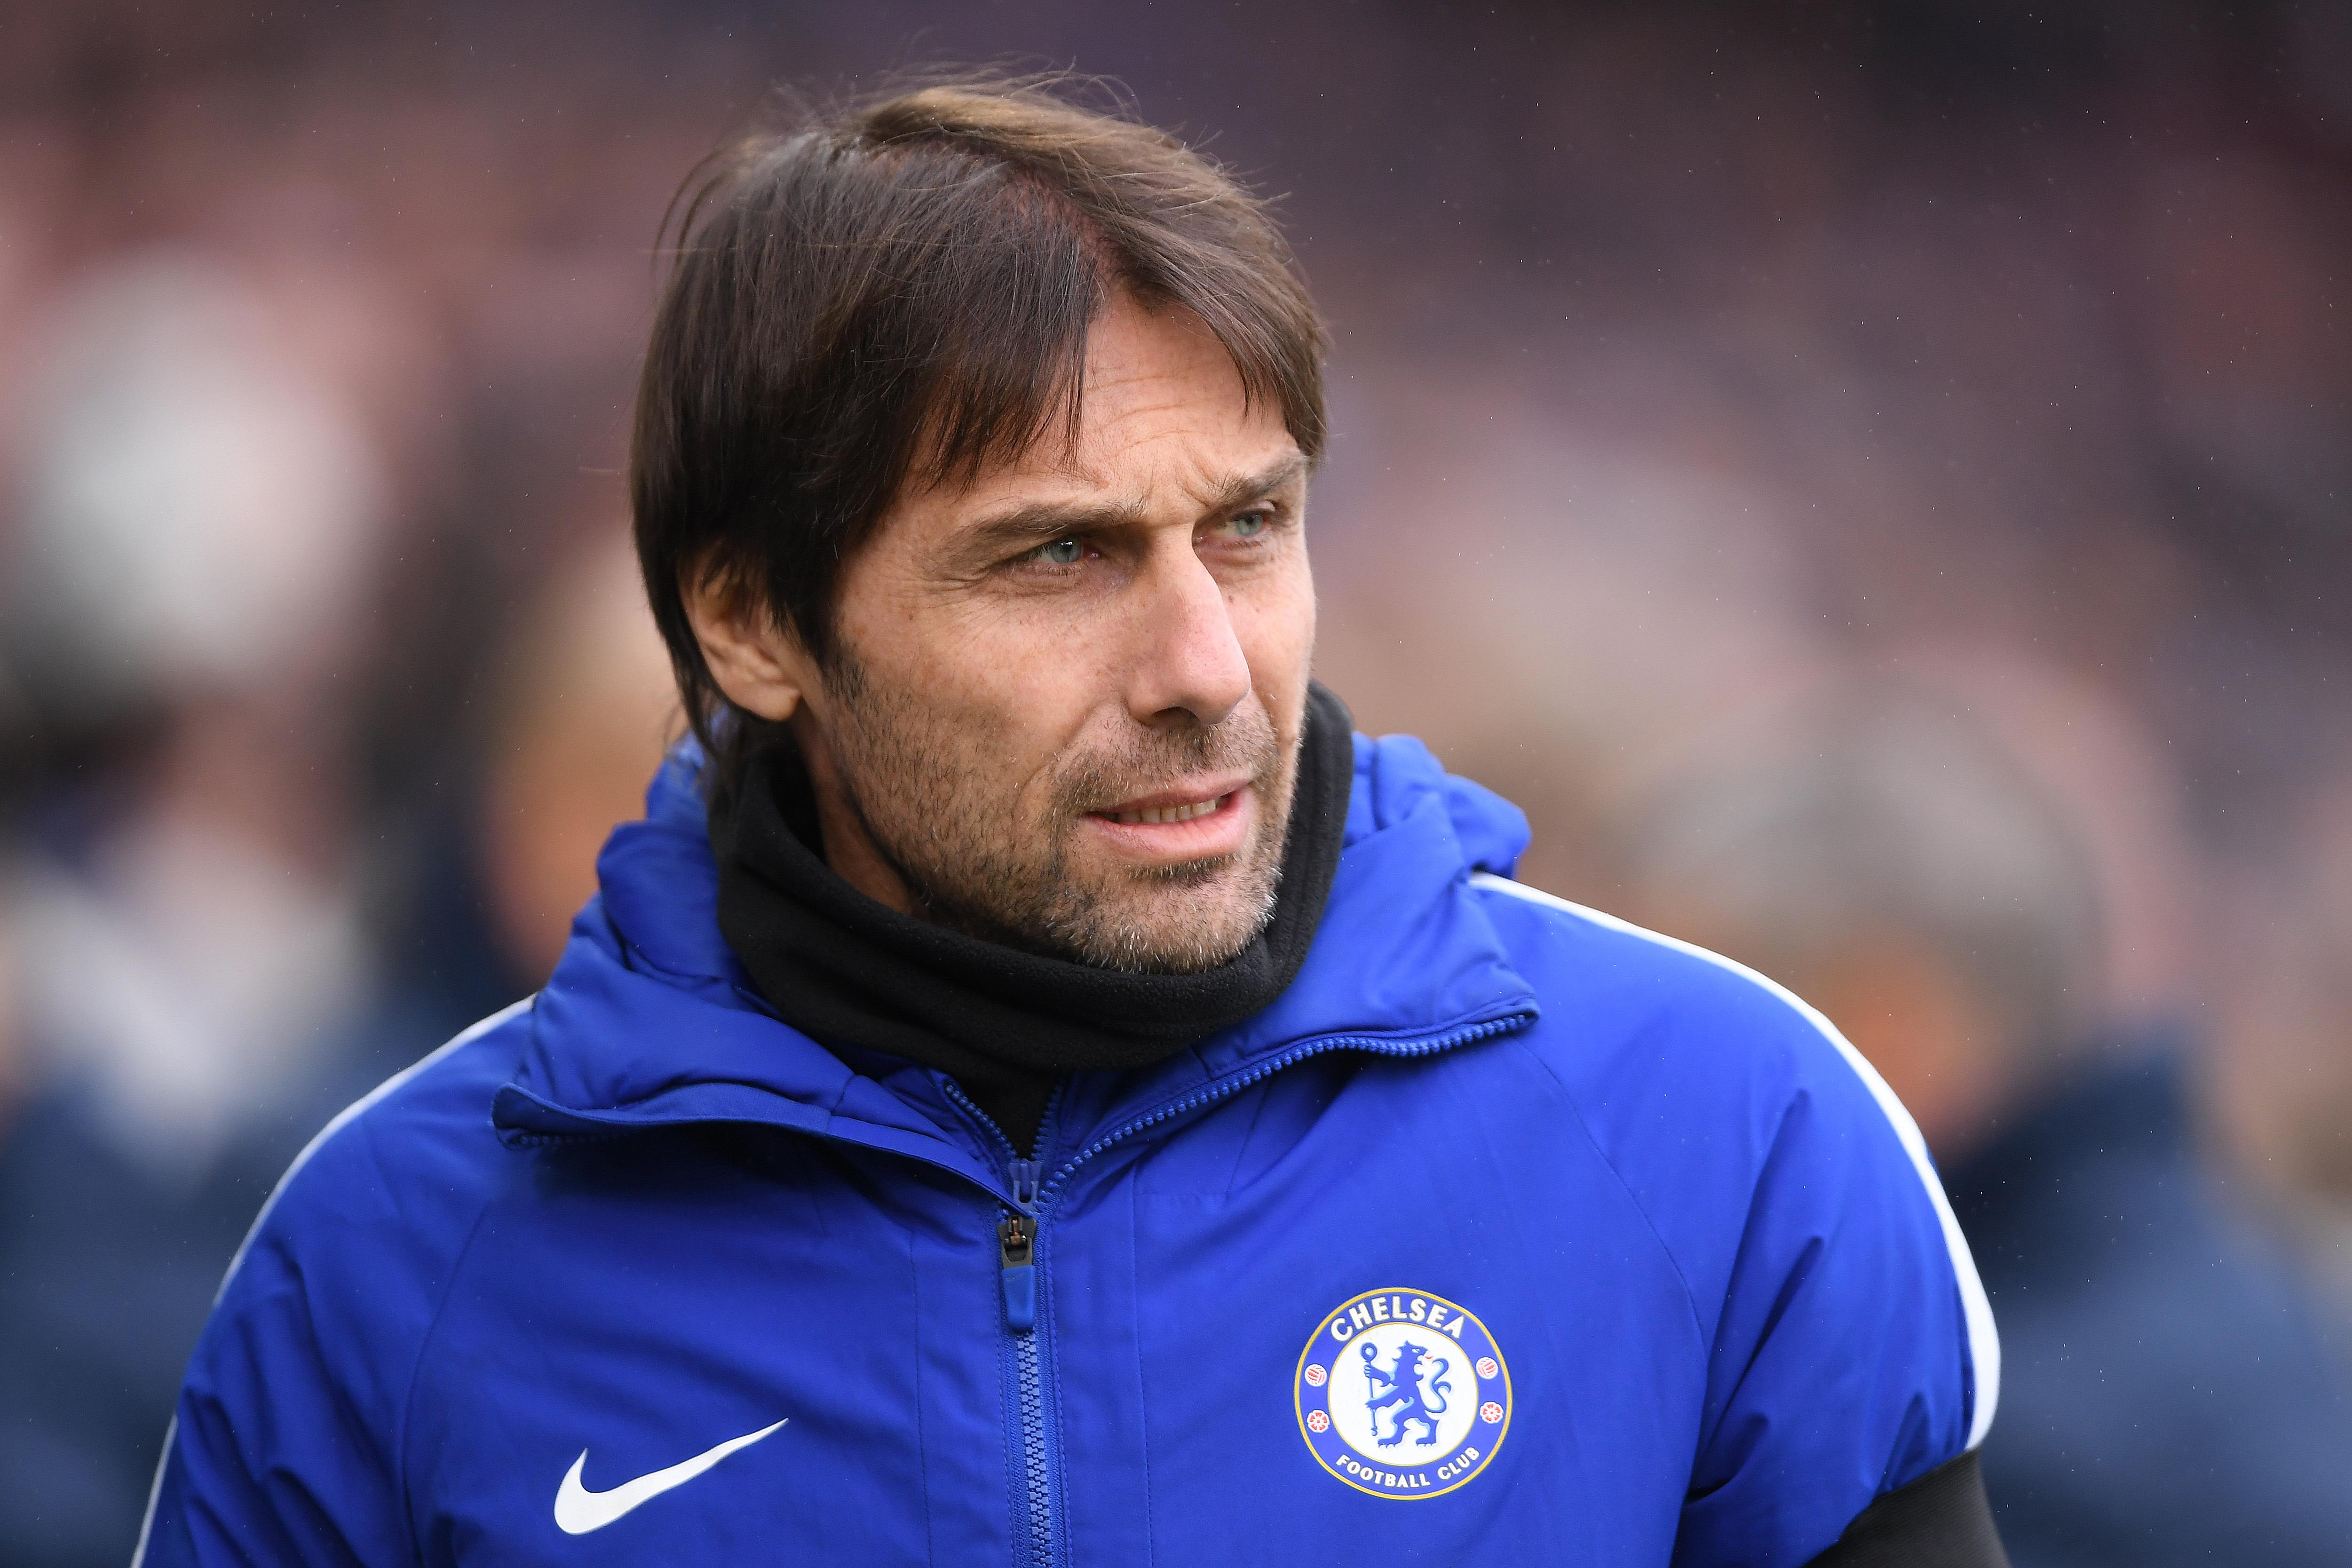 La octava plaza es para Antonio Conte, actual técnico del Chelsea. 635 millones son los que ha gastado el italiano. (Getty)